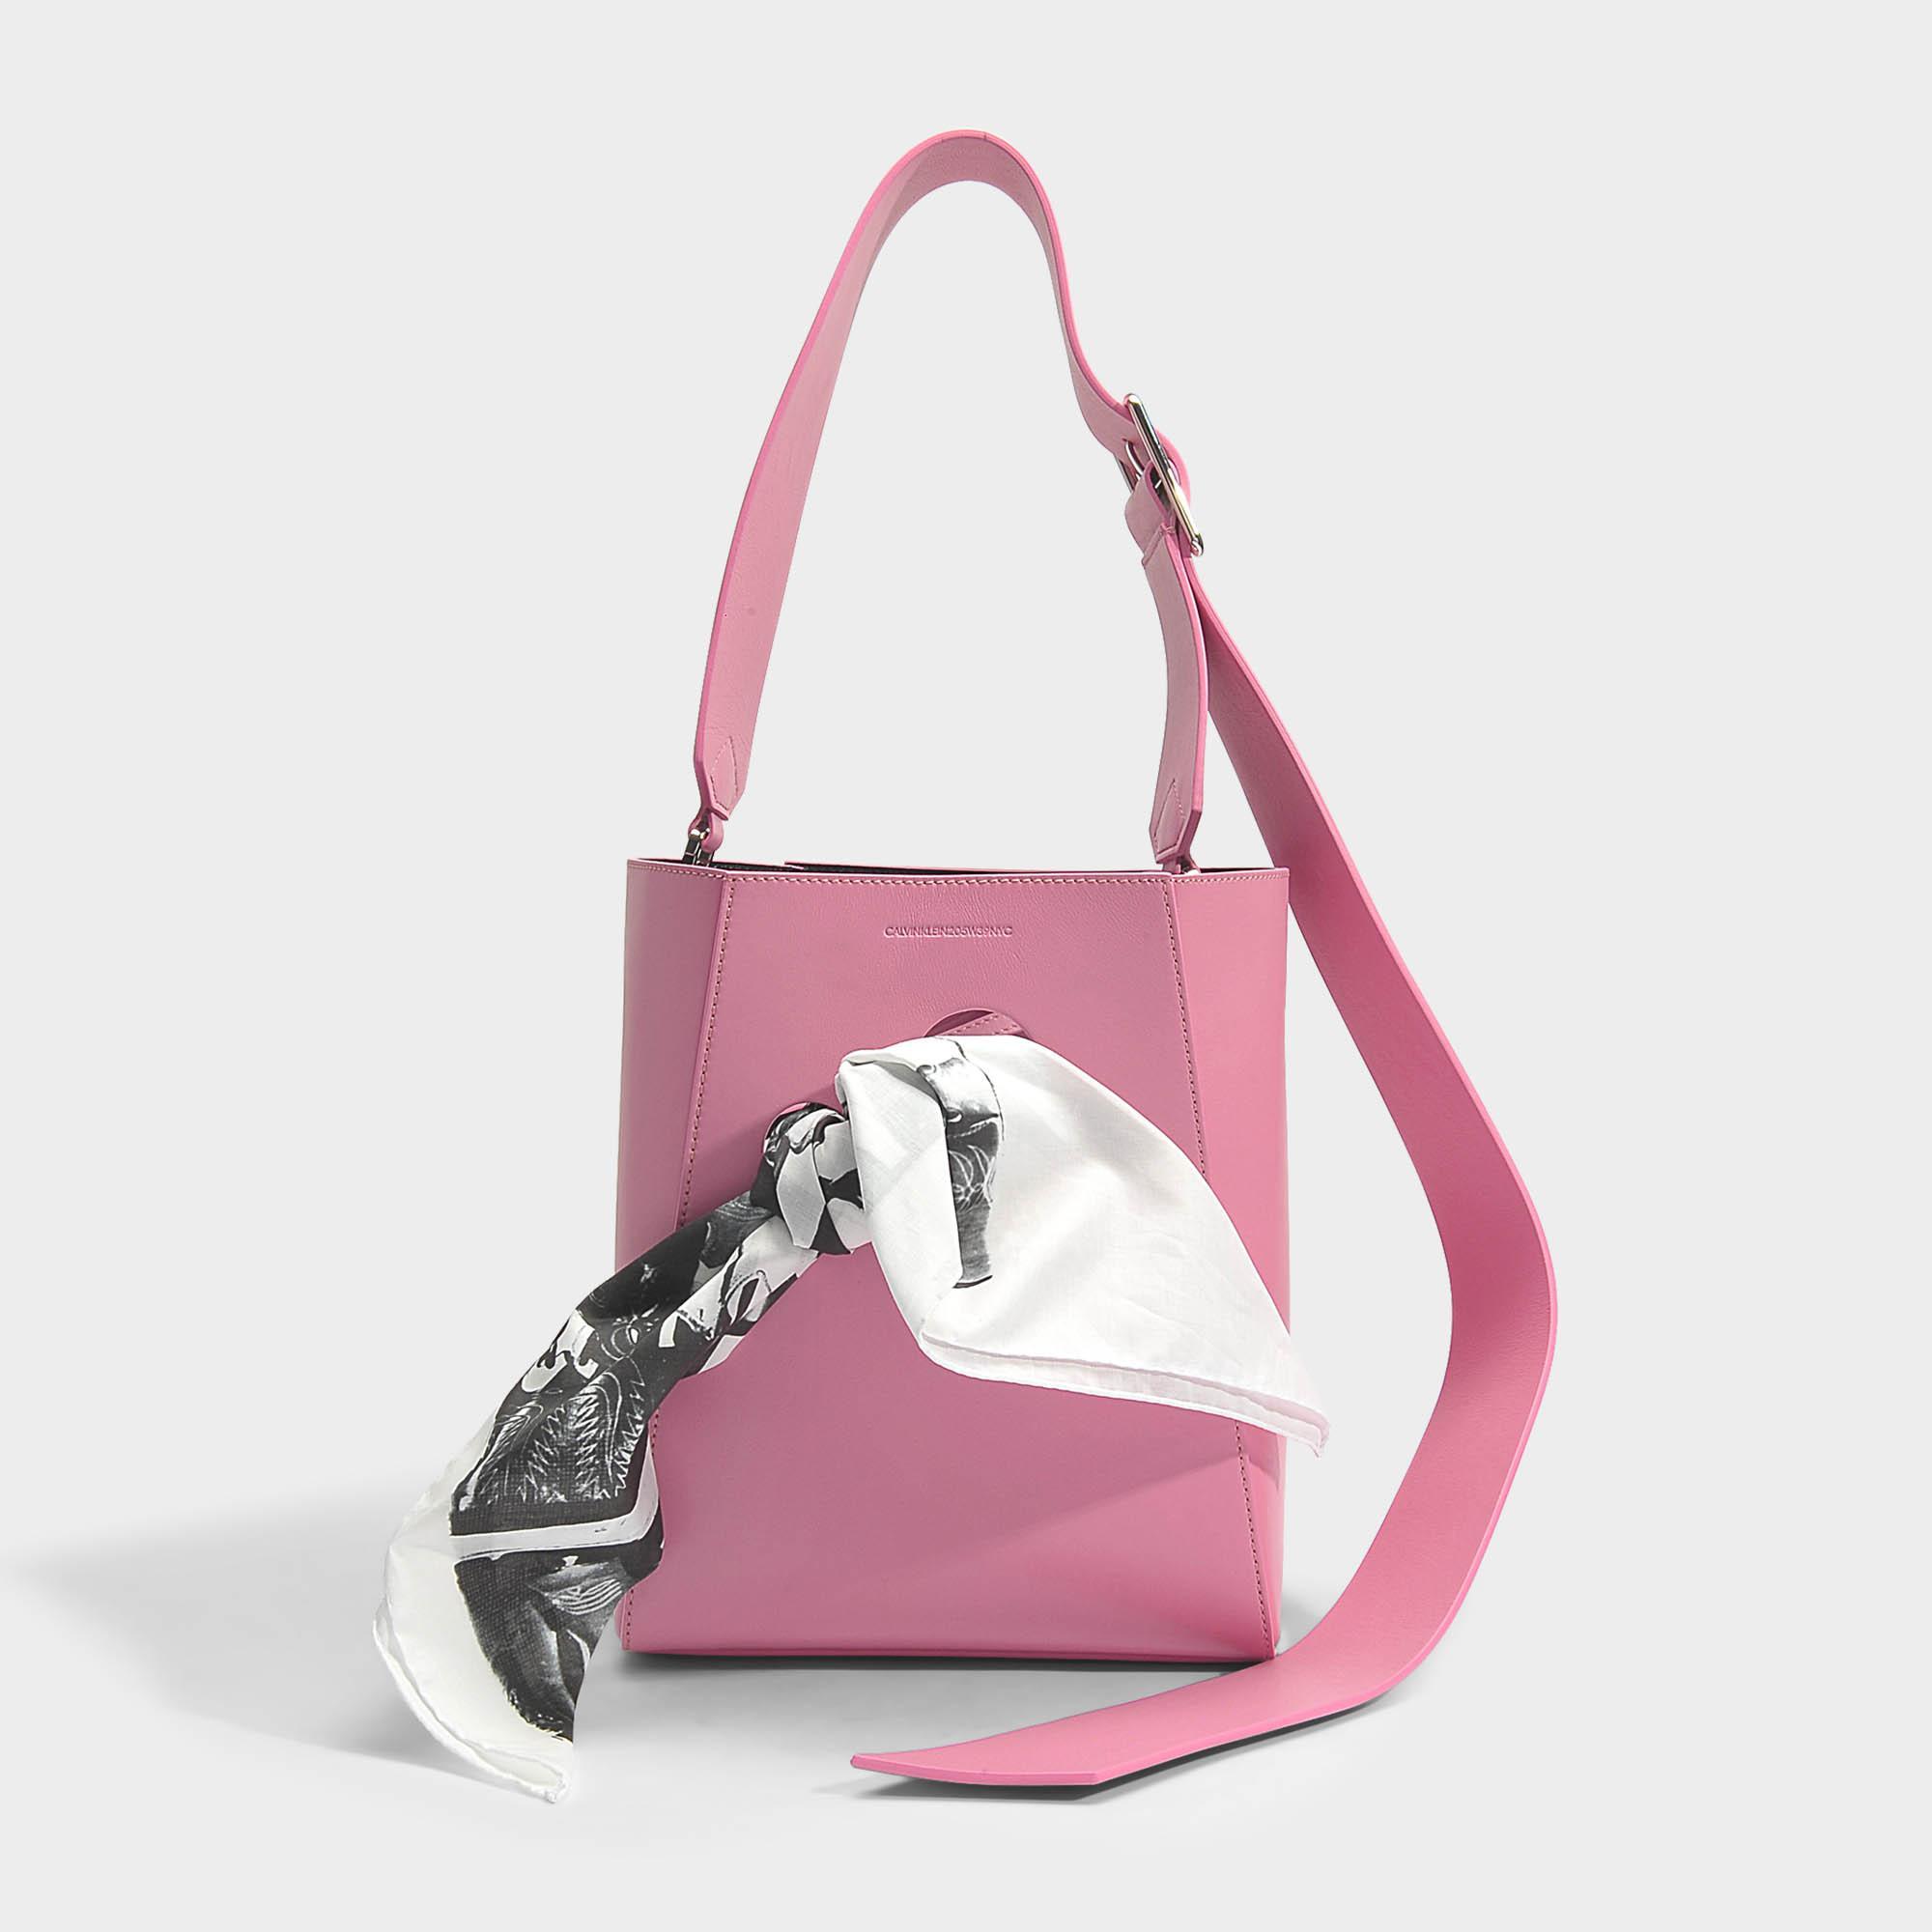 Small Bucket Bandana Bag in Black Calf CALVIN KLEIN 205W39NYC kL9ZO2